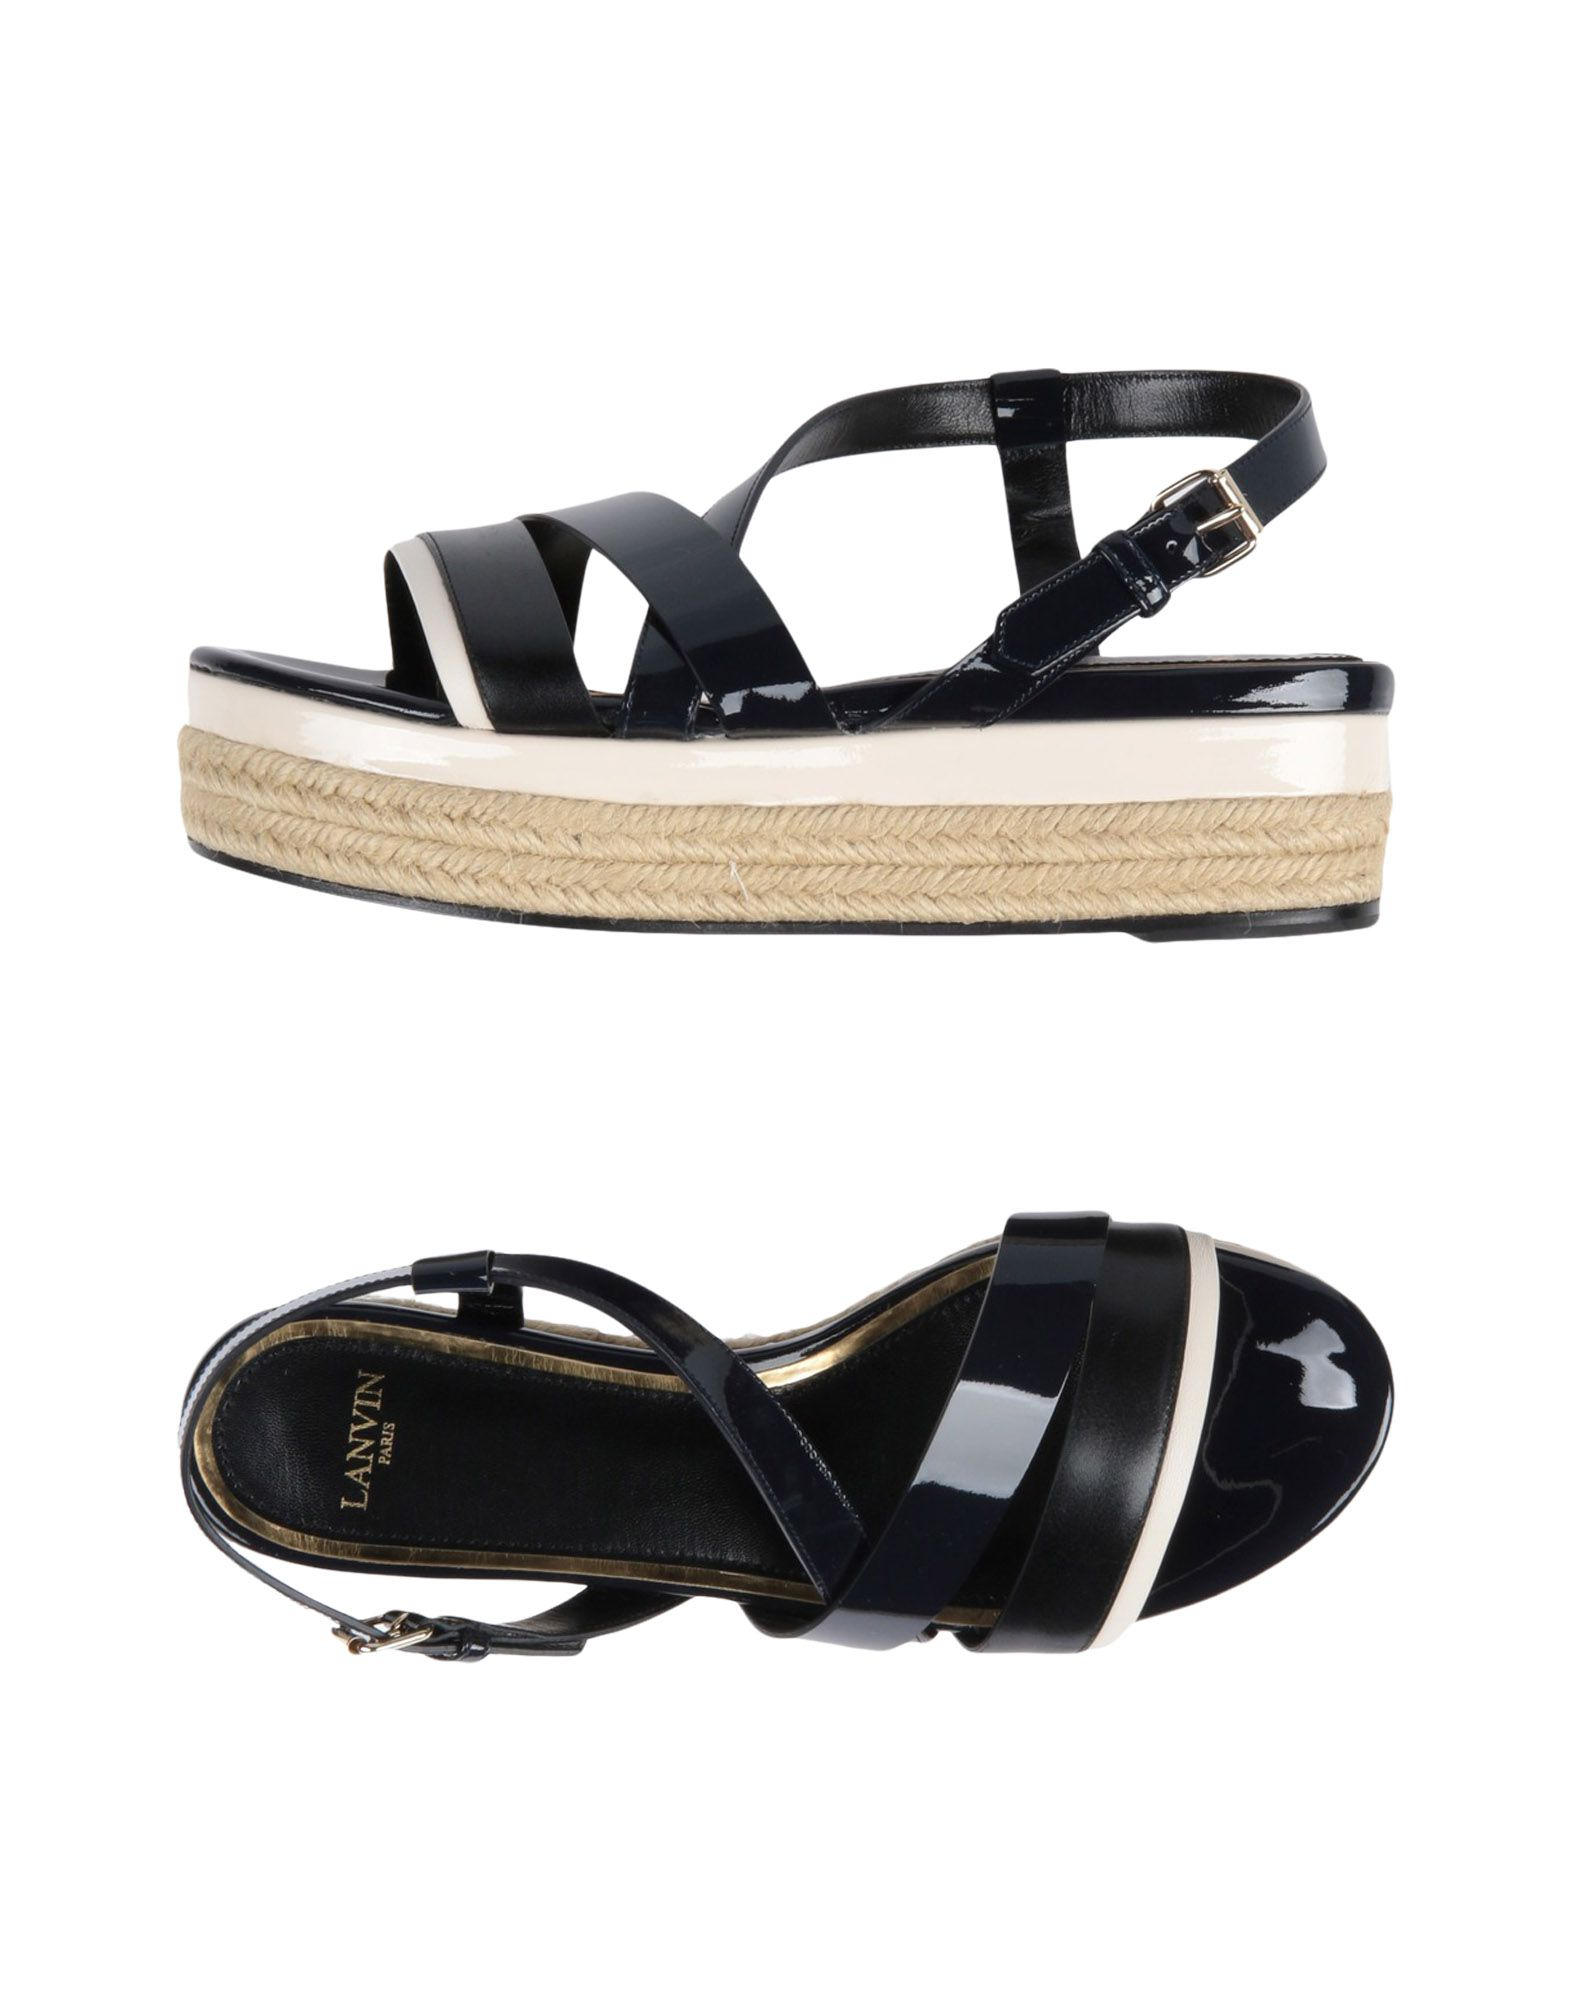 Lanvin gut Sandalen Damen  11541363NXGünstige gut Lanvin aussehende Schuhe e2e073